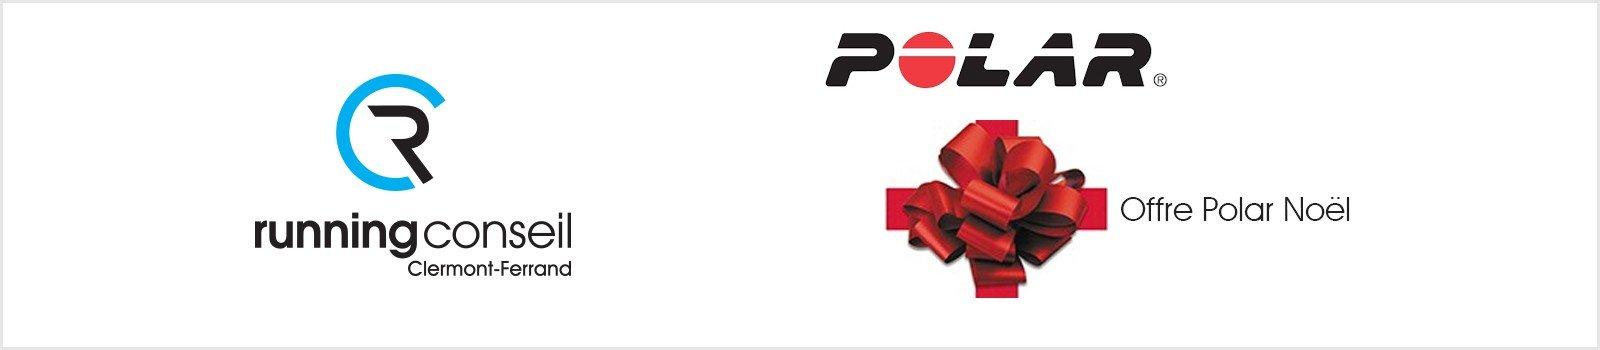 Offre Polar Noël - Running Conseil Clermont-Ferrand